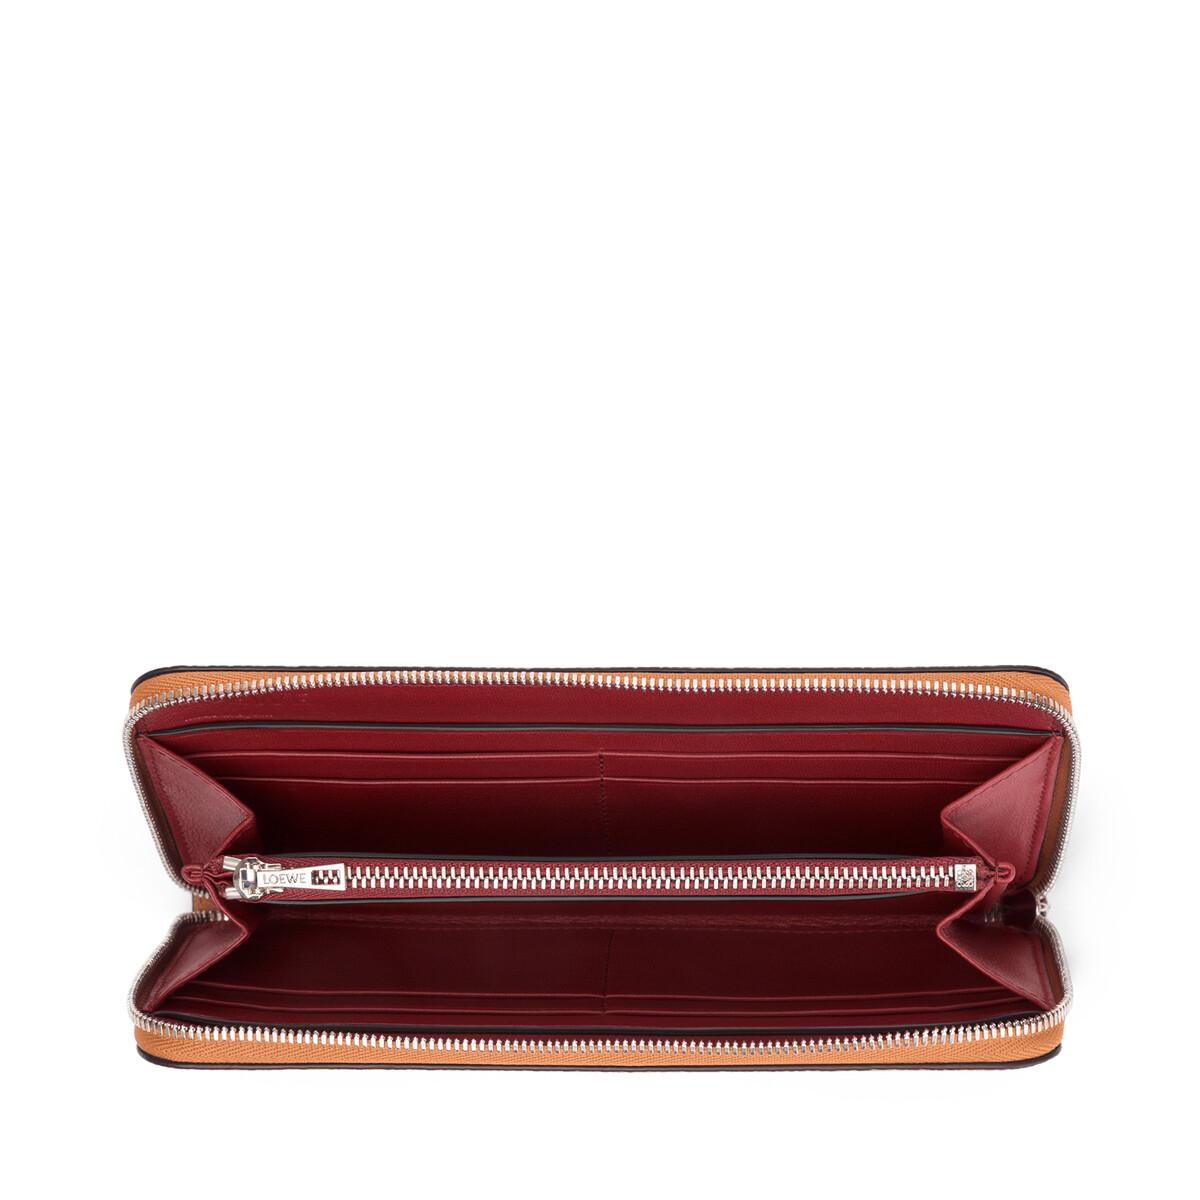 LOEWE Zip Around Wallet Light Caramel/Pecan Color  front